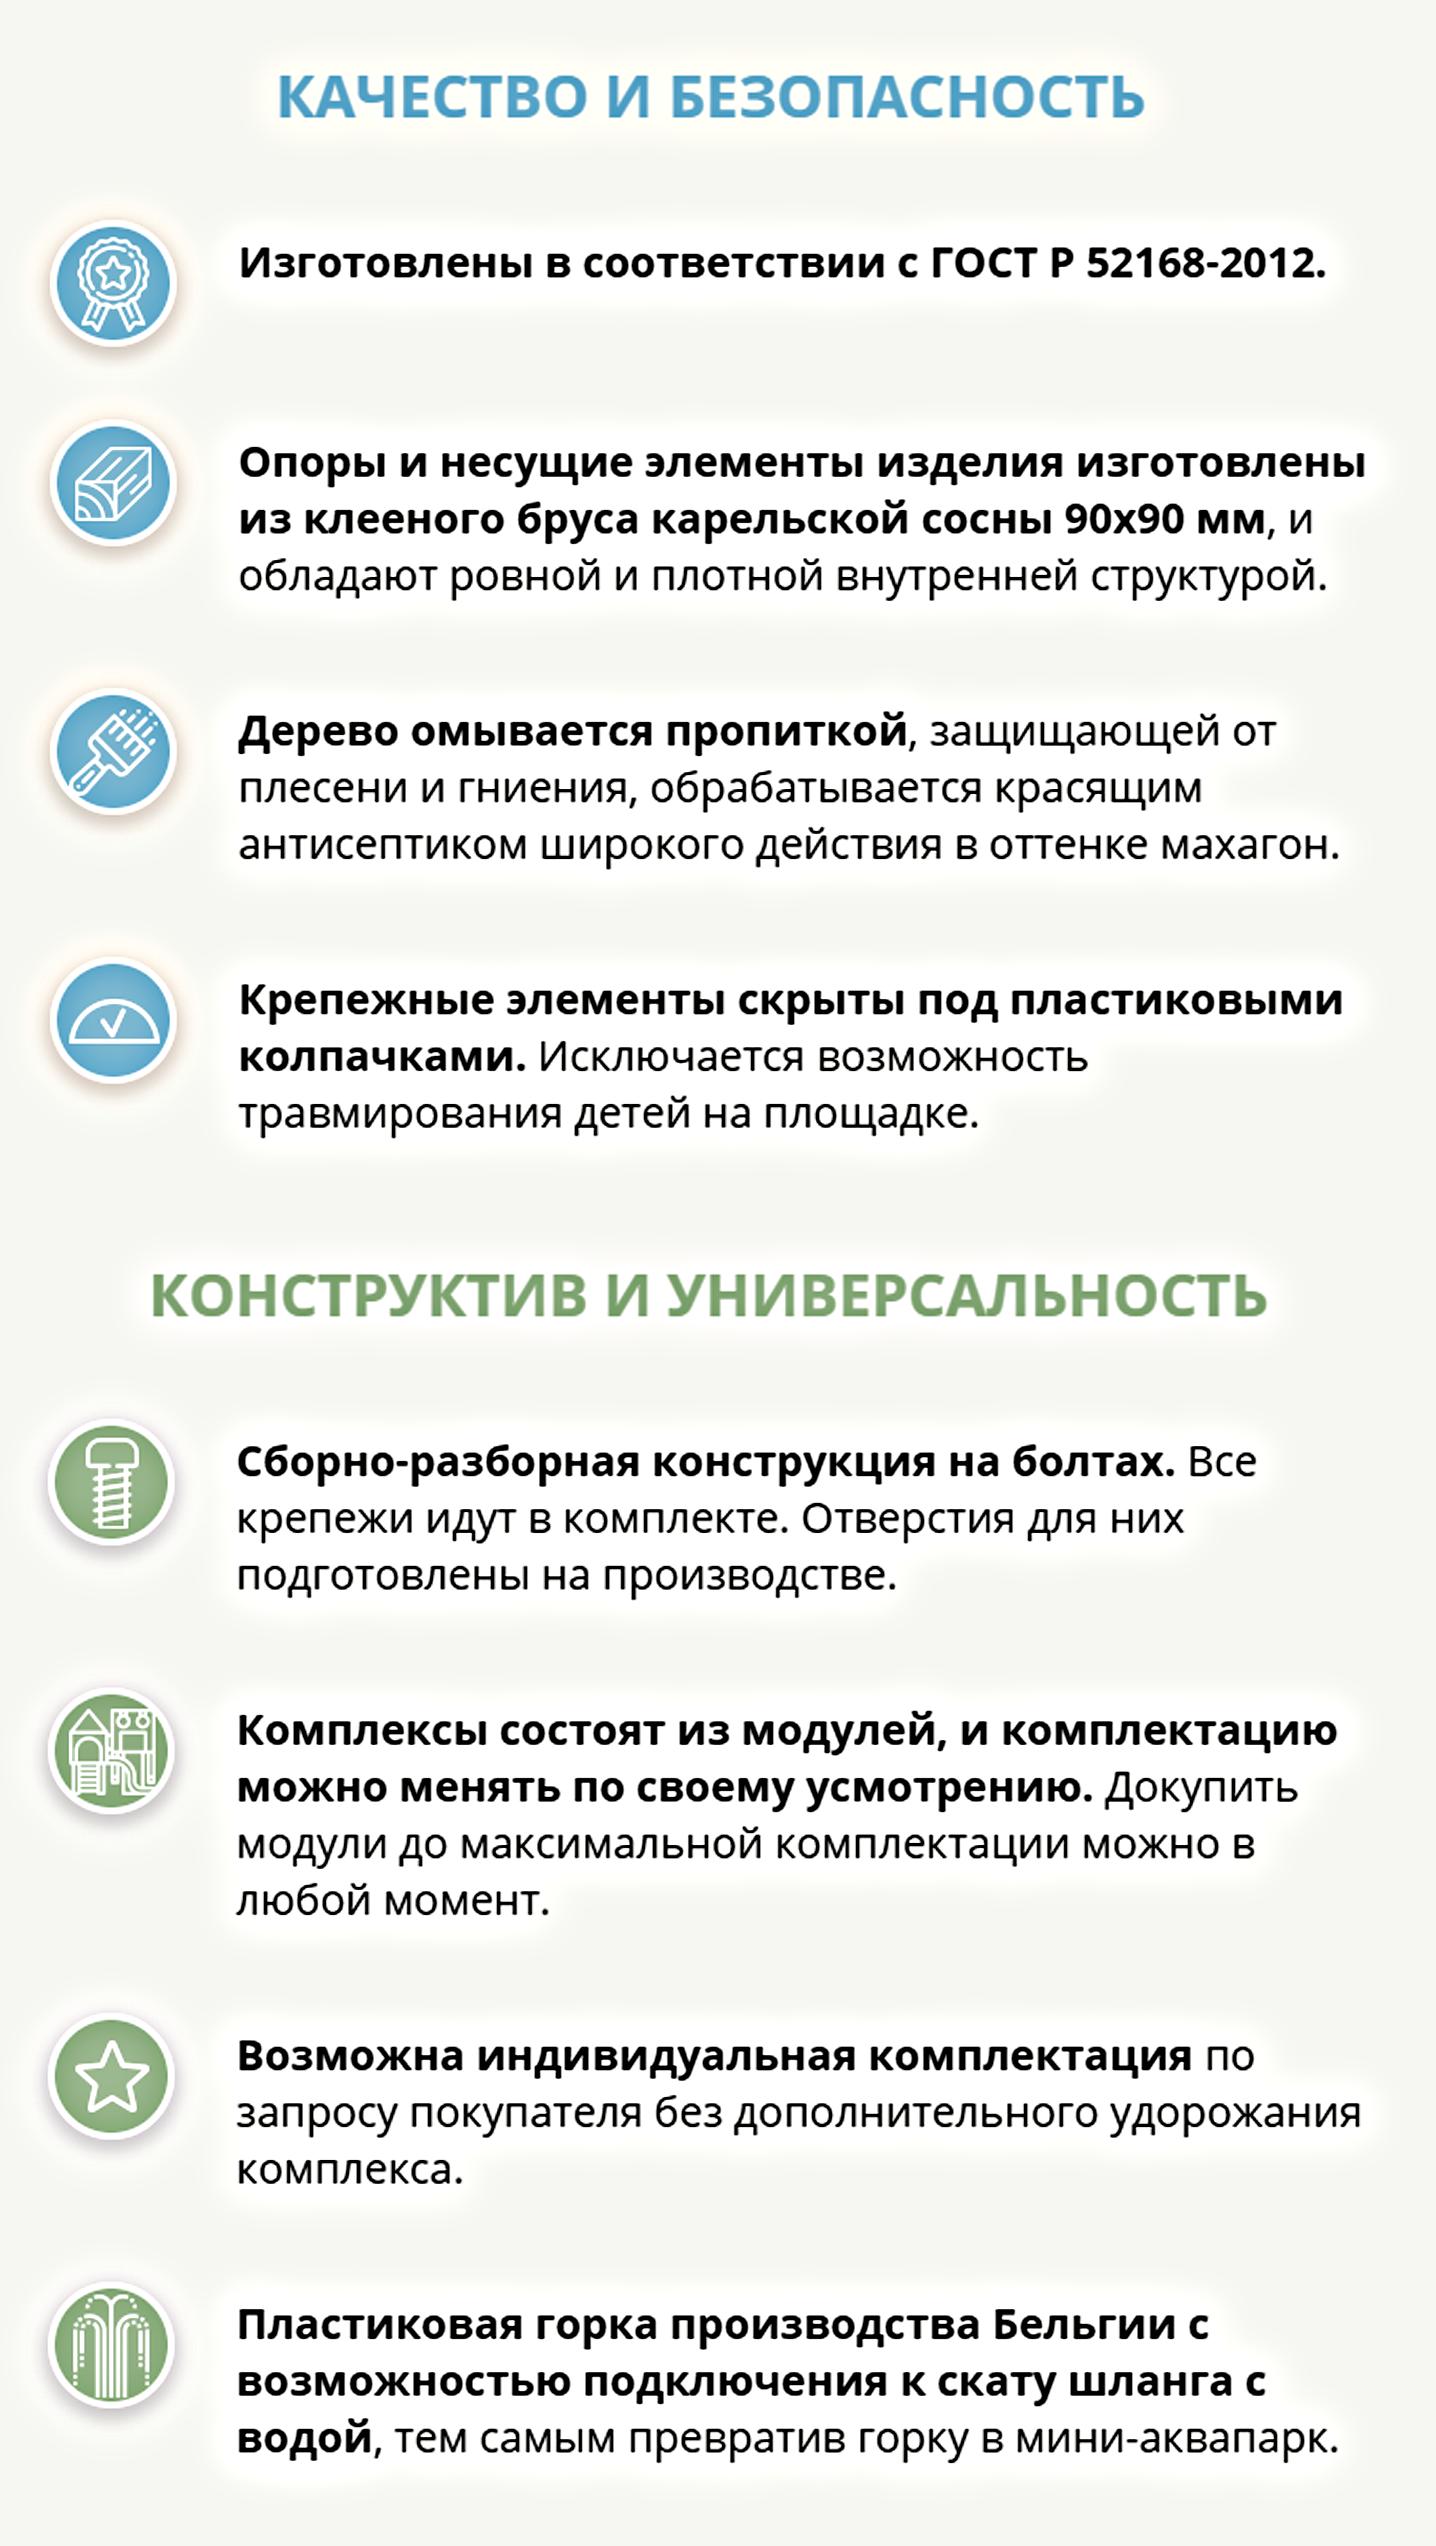 kachestvo_bezopasnost-2